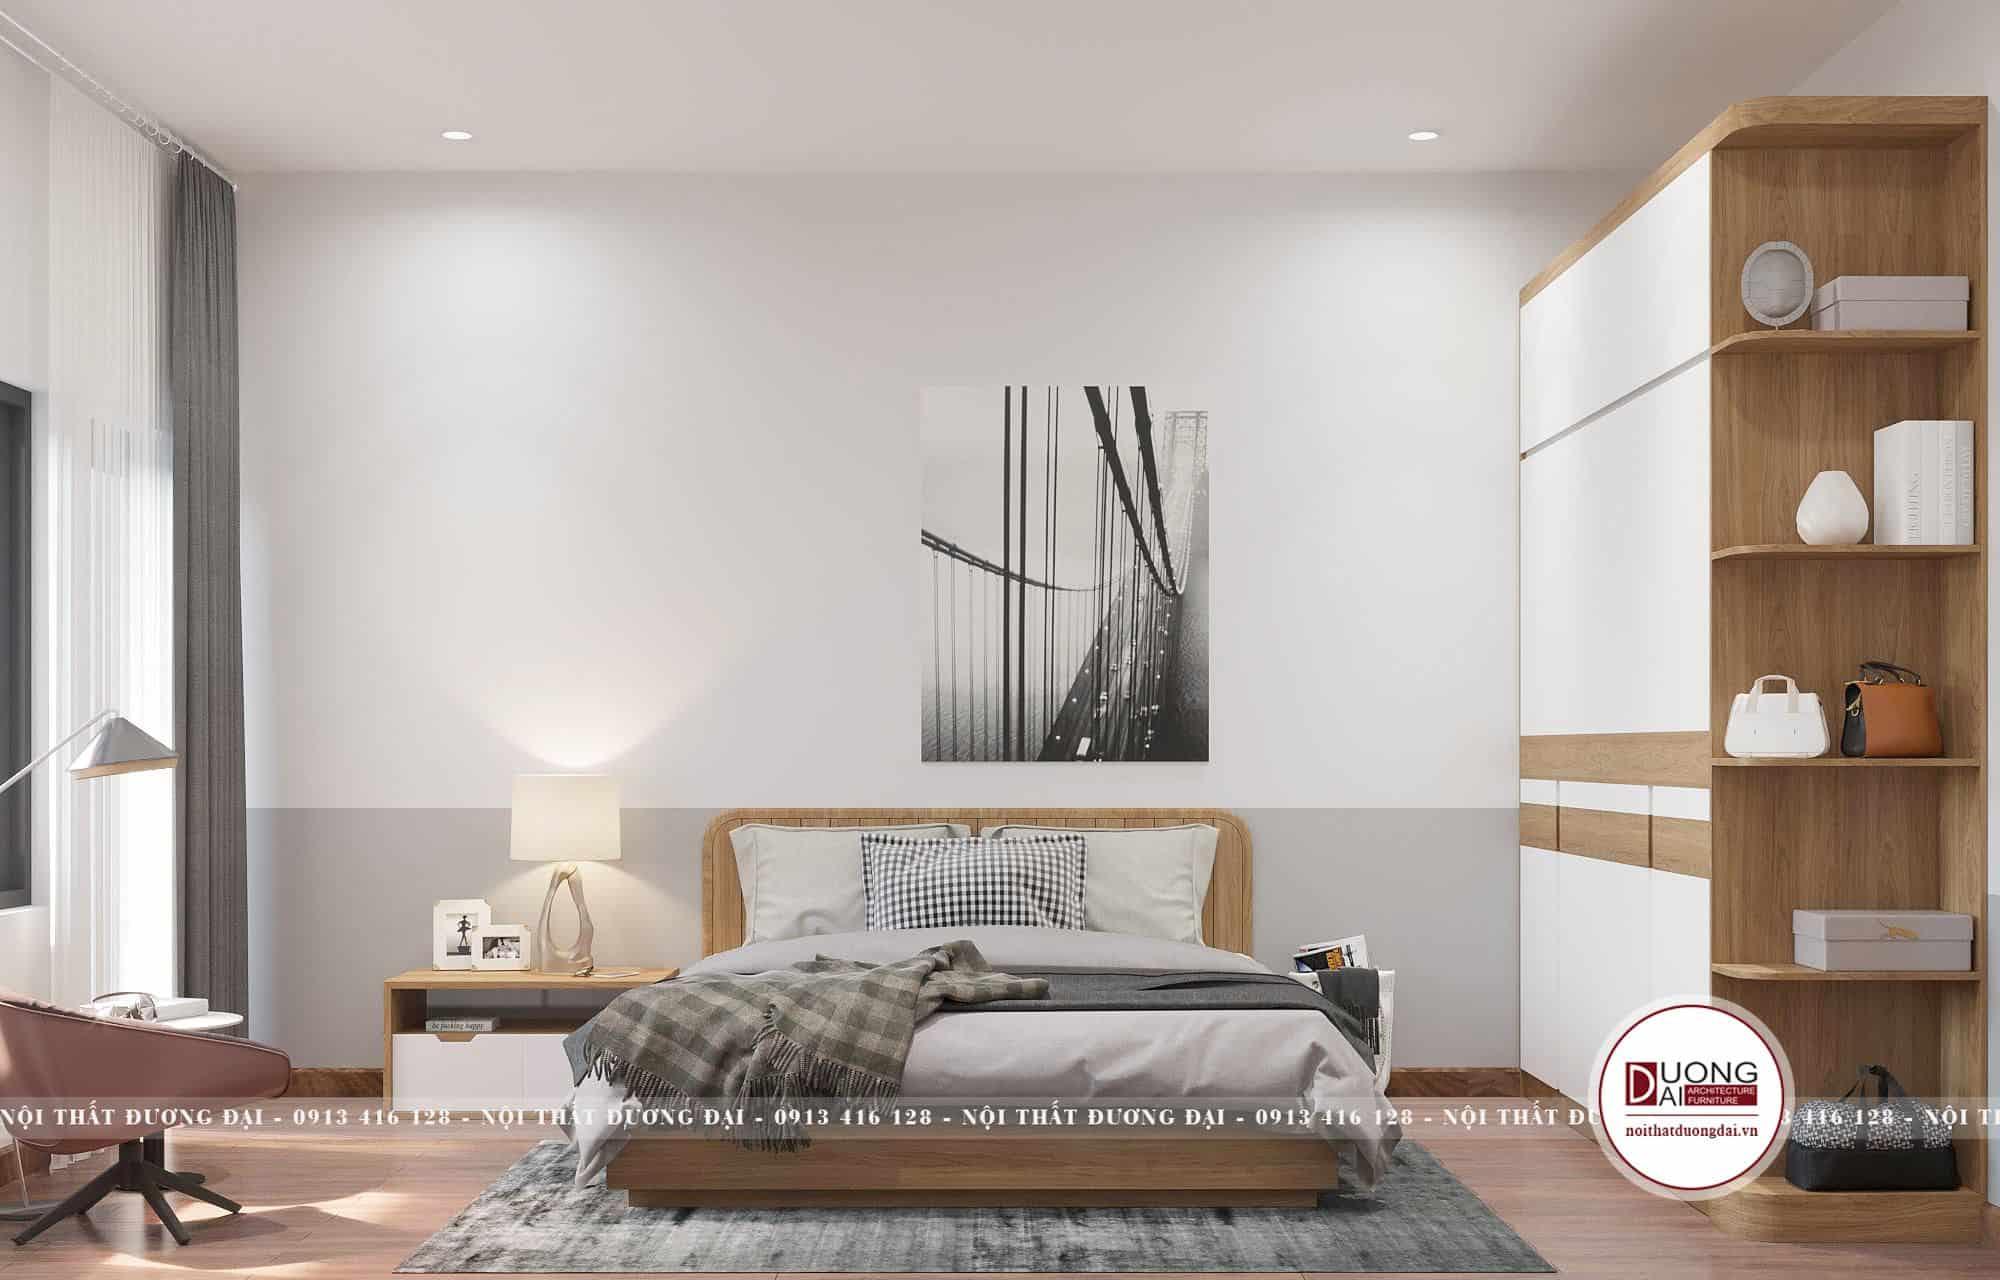 Thiết kế phòng ngủ Master đẳng cấp với màu sắc trang nhã